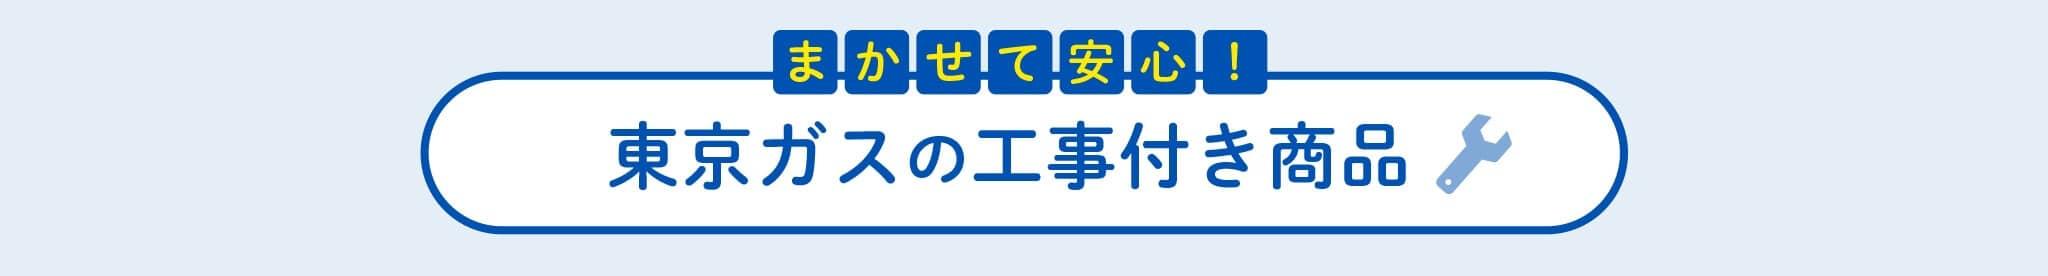 まかせて安心!東京ガスの工事付き商品